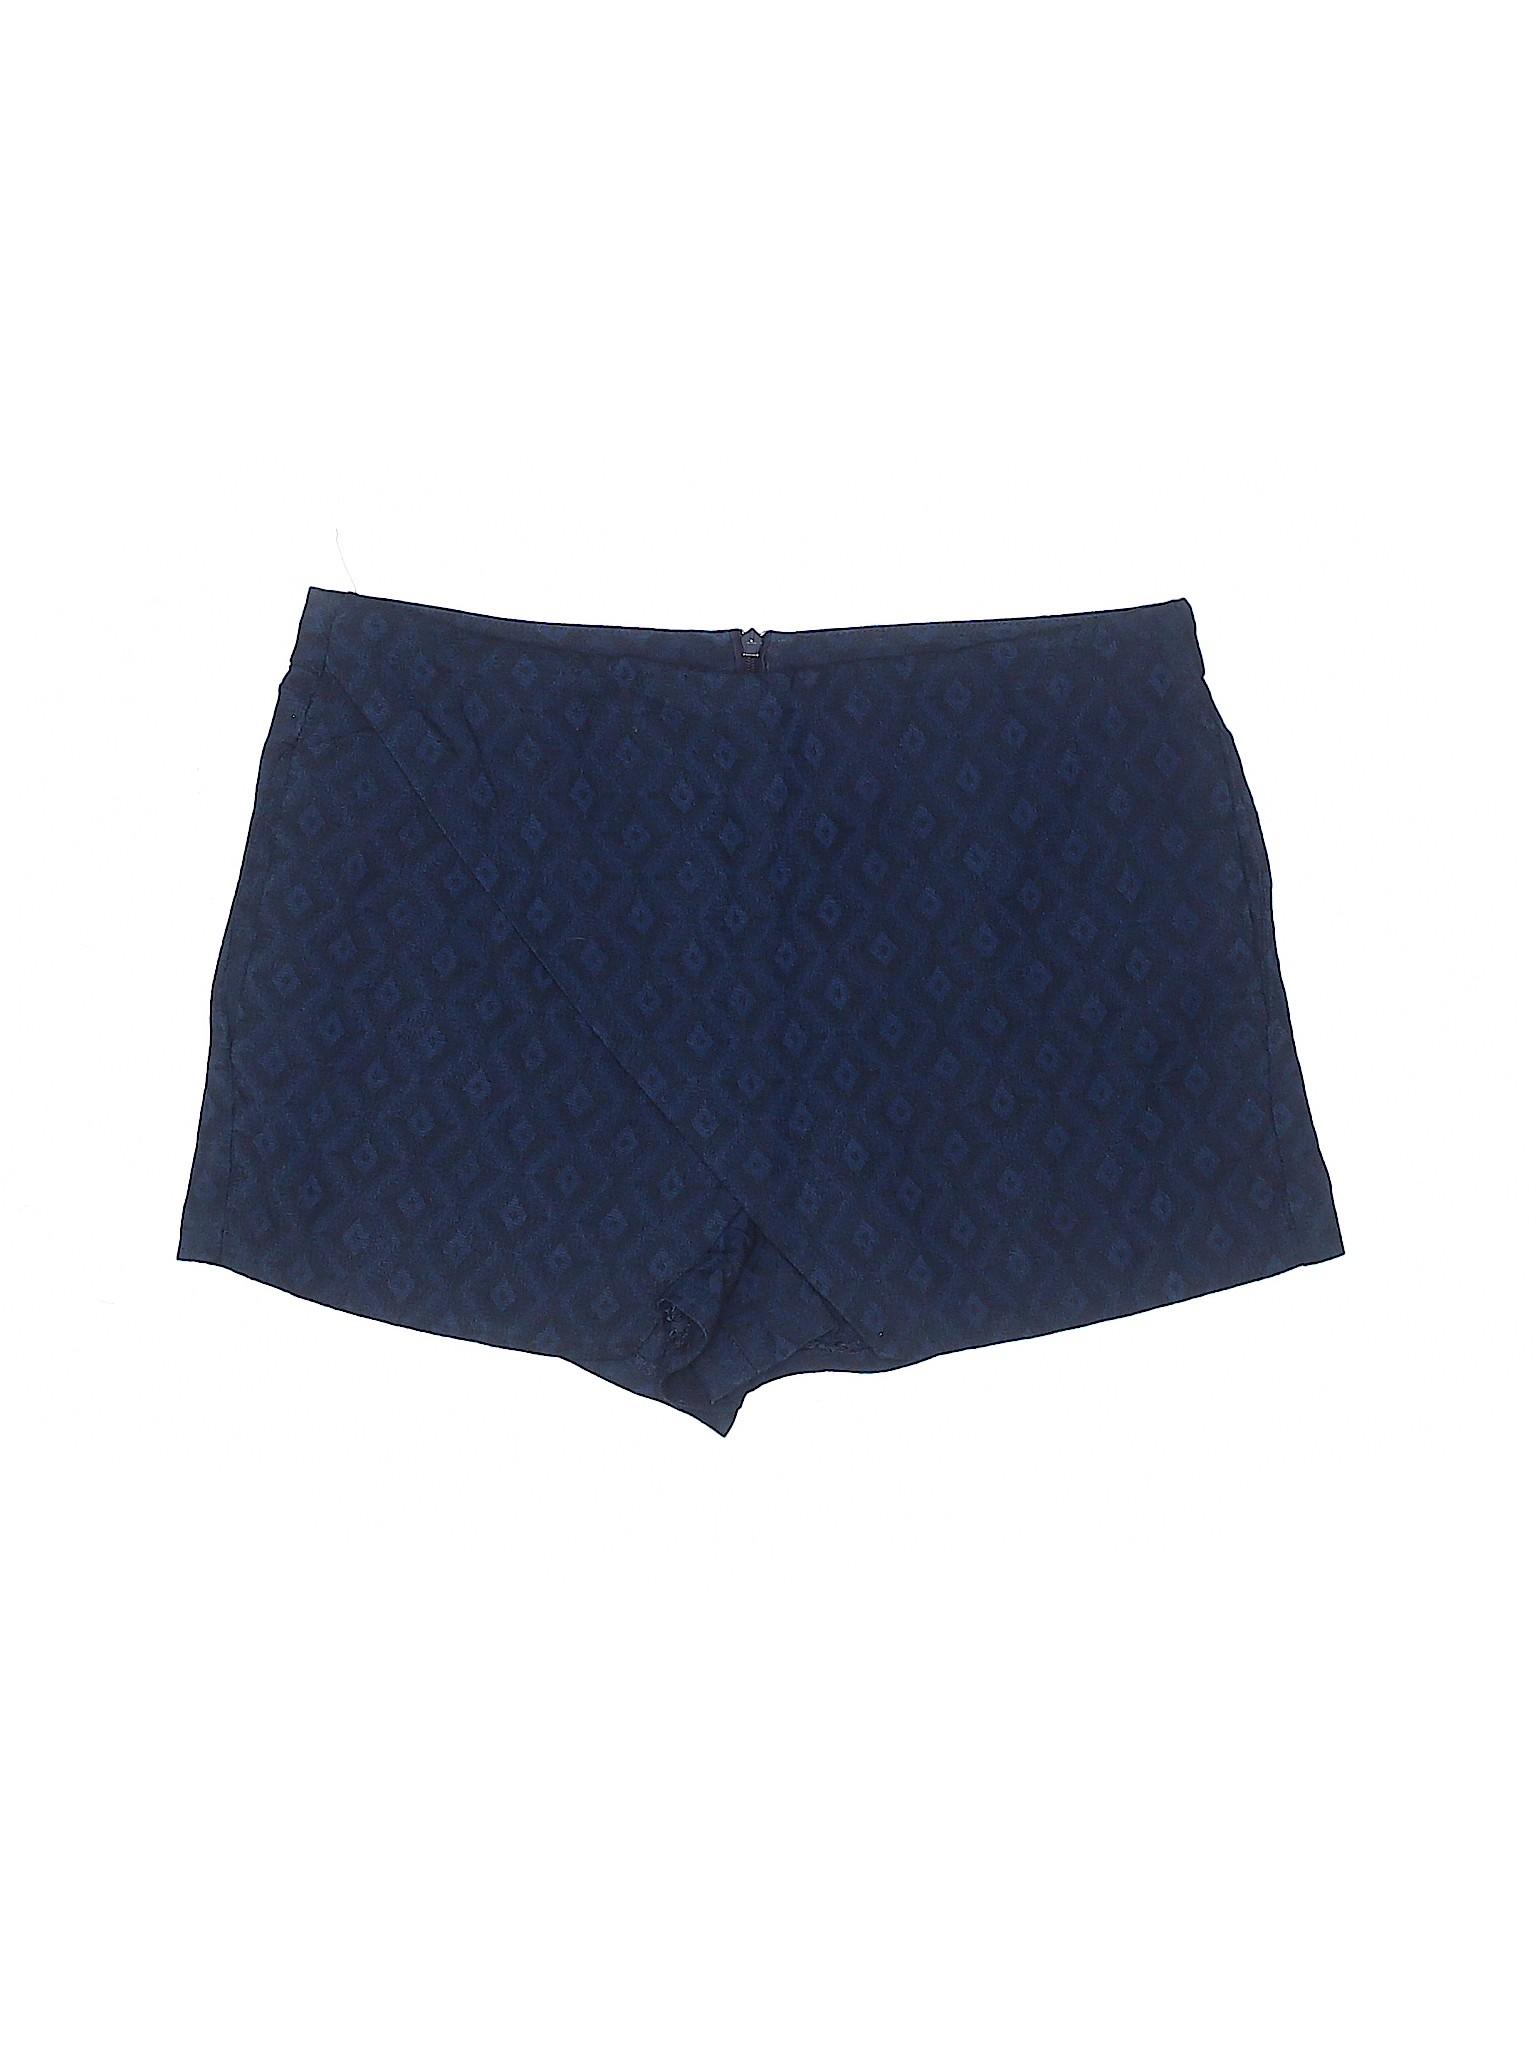 Skort leisure Boutique Zara leisure Basic Basic Zara Boutique Skort qEfd6